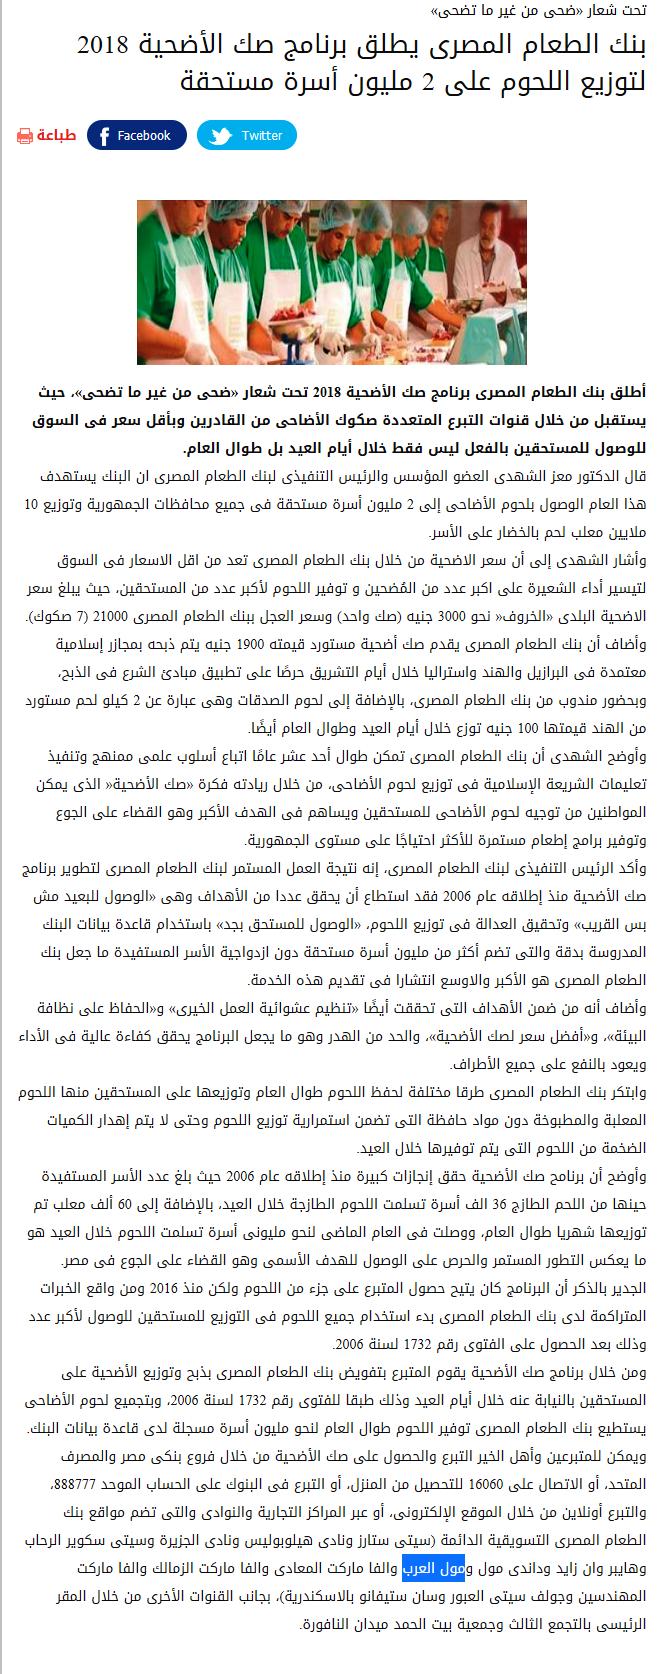 FireShot Capture 1054 - بنك الطعام المصرى يطلق برنامج _ - https___www.shorouknews.com_news_view.aspx.png